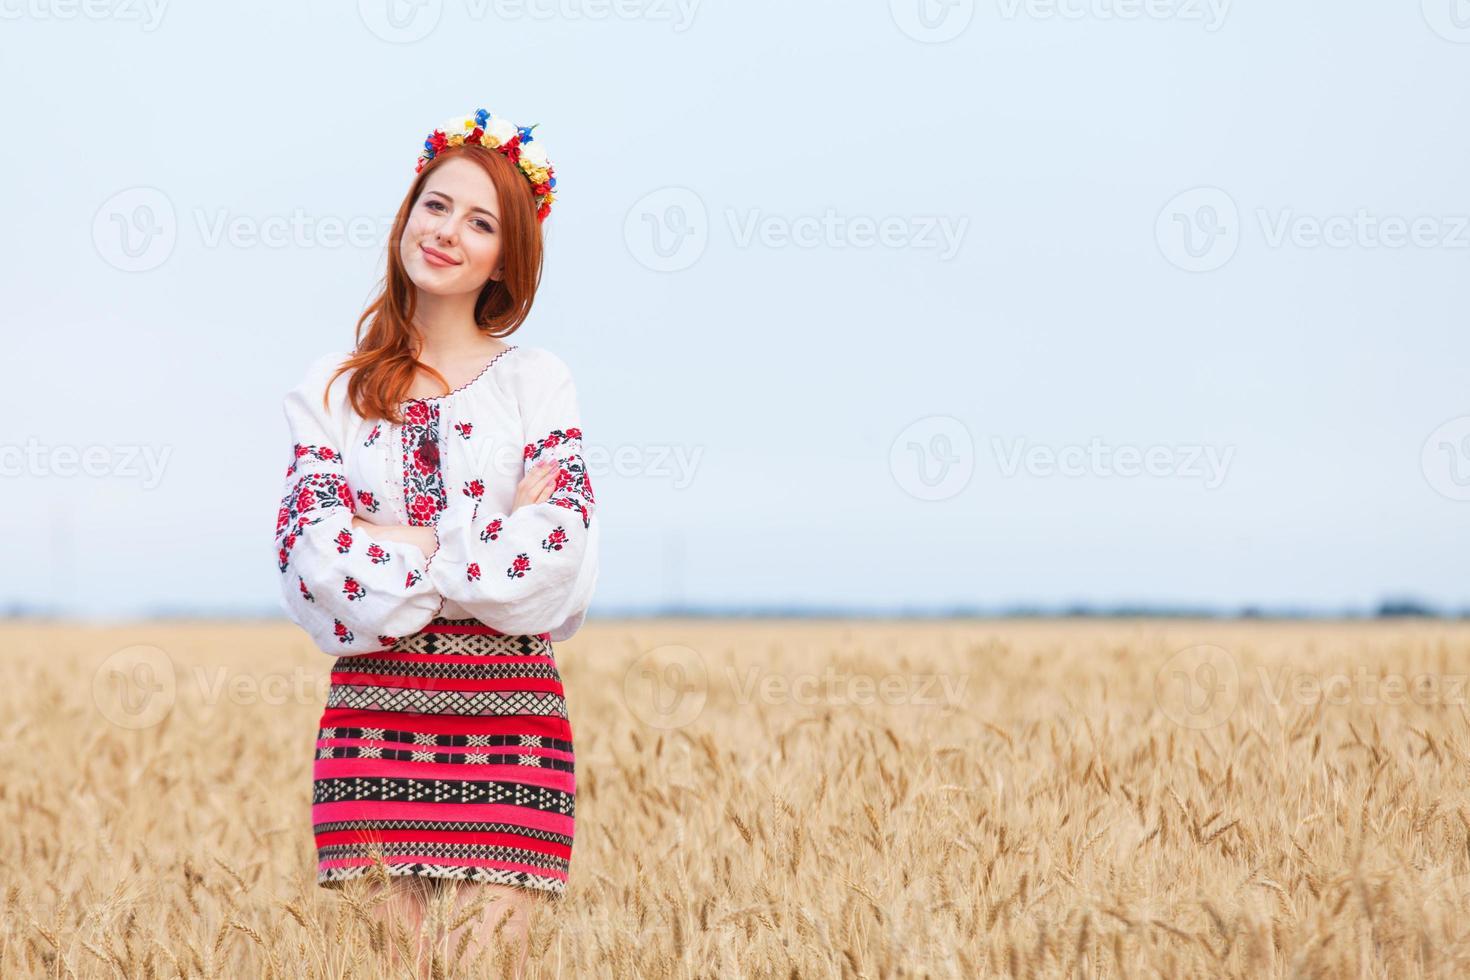 rothaariges Mädchen in der ukrainischen nationalen Kleidung auf dem Weizenfeld. foto